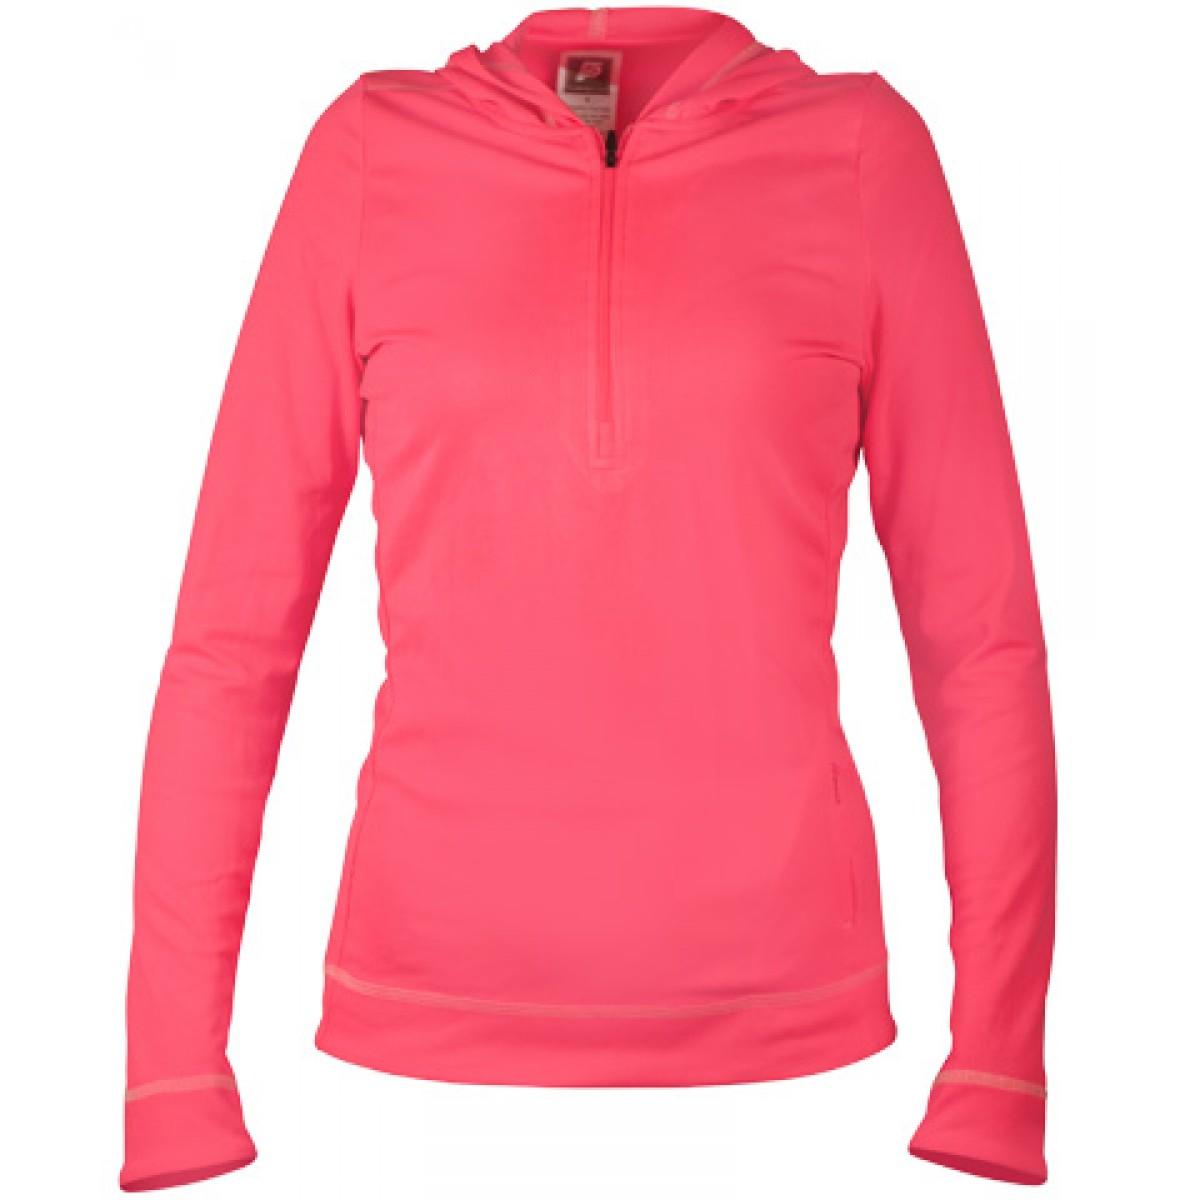 Half-Zip Neon Pink Ladies Long-Sleeve Hoodie